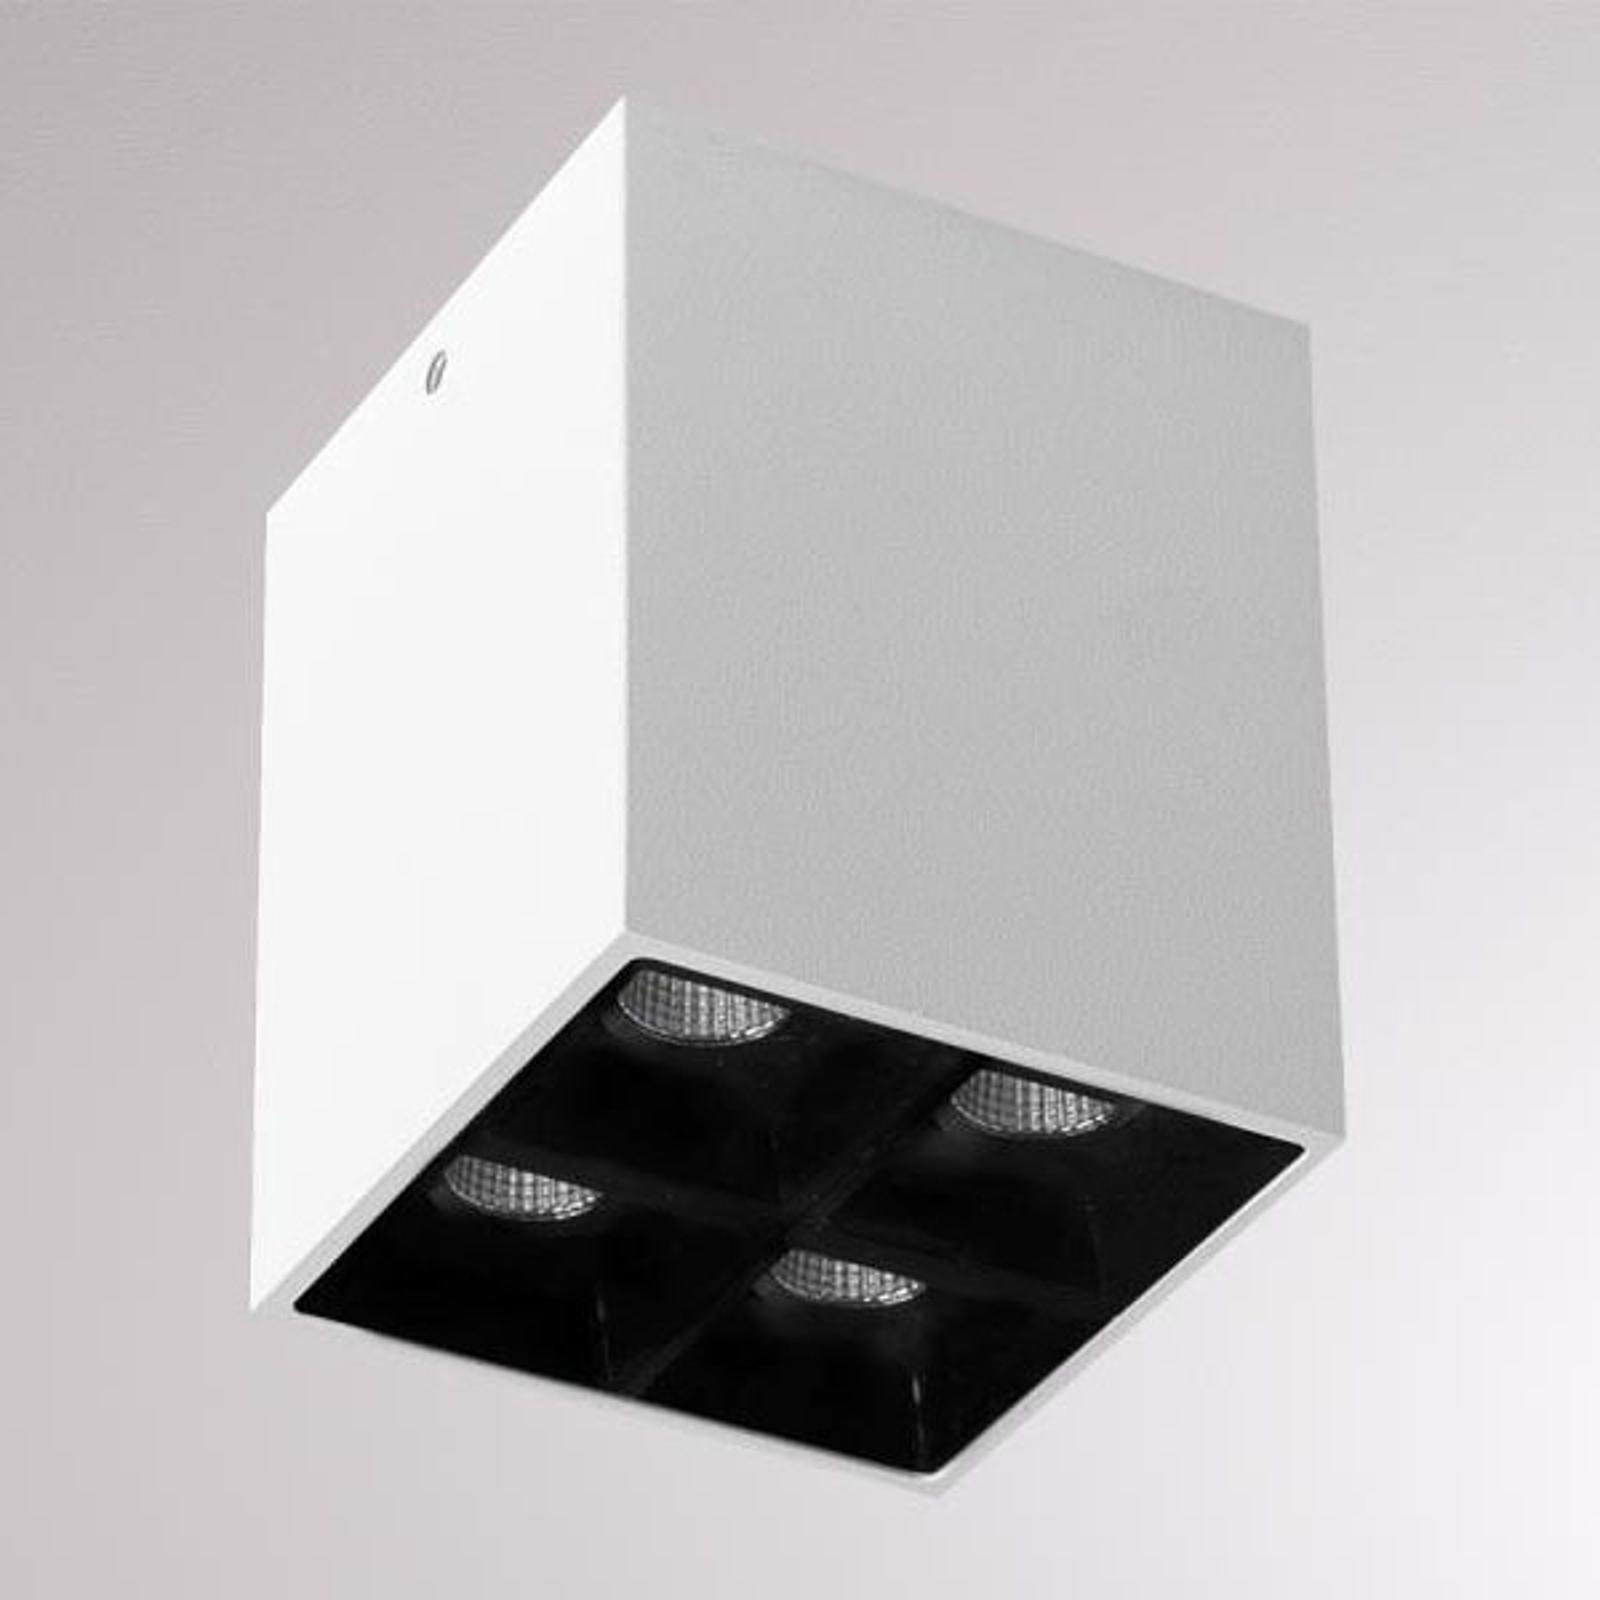 LOUM Liro -LED-kattospotti valkoinen/musta 2 700 K